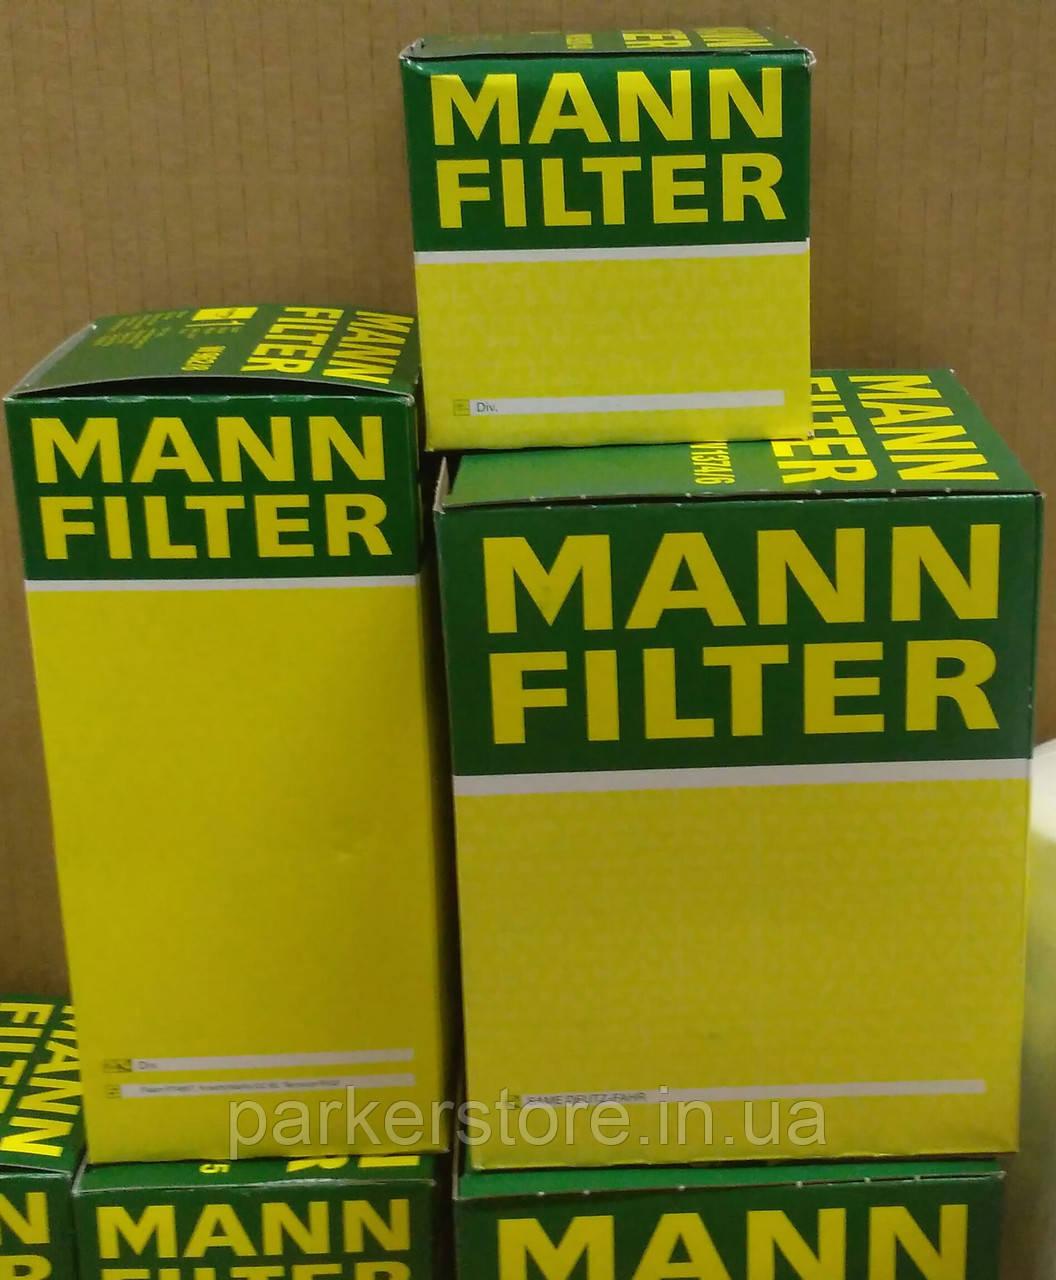 MANN FILTER / Повітряний фільтр / C 15 010 / C15010